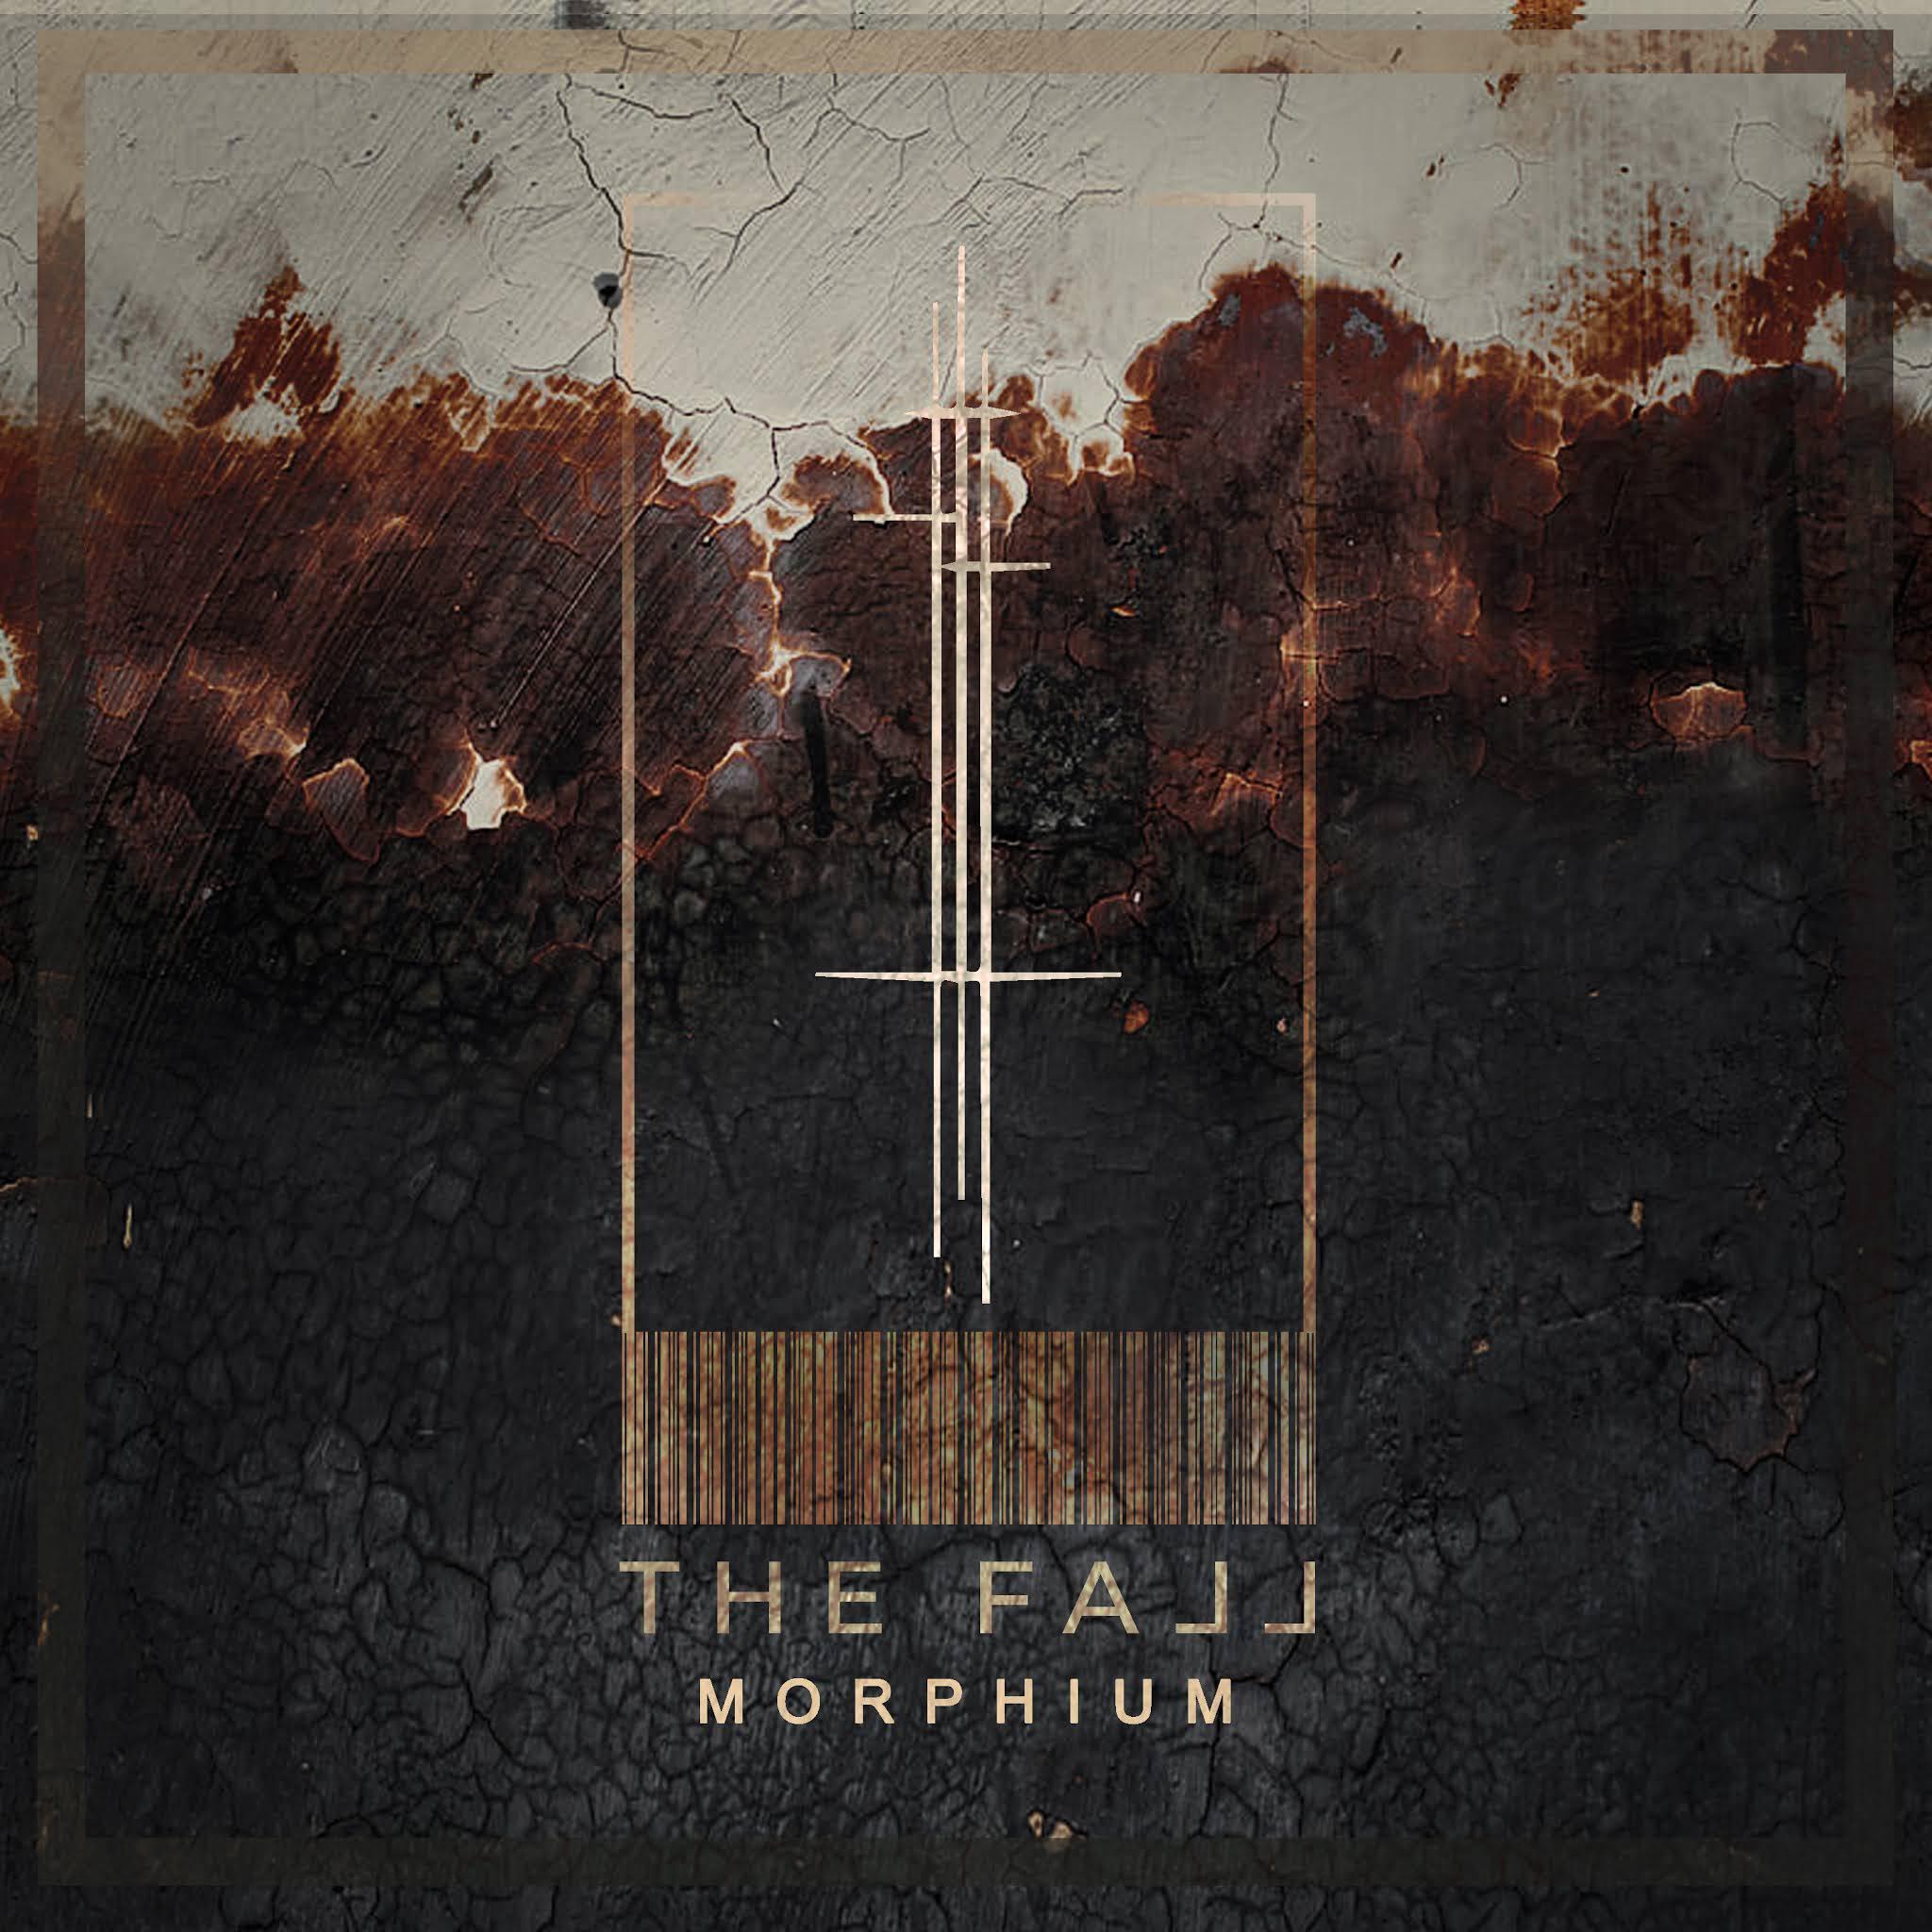 Morphium cover art